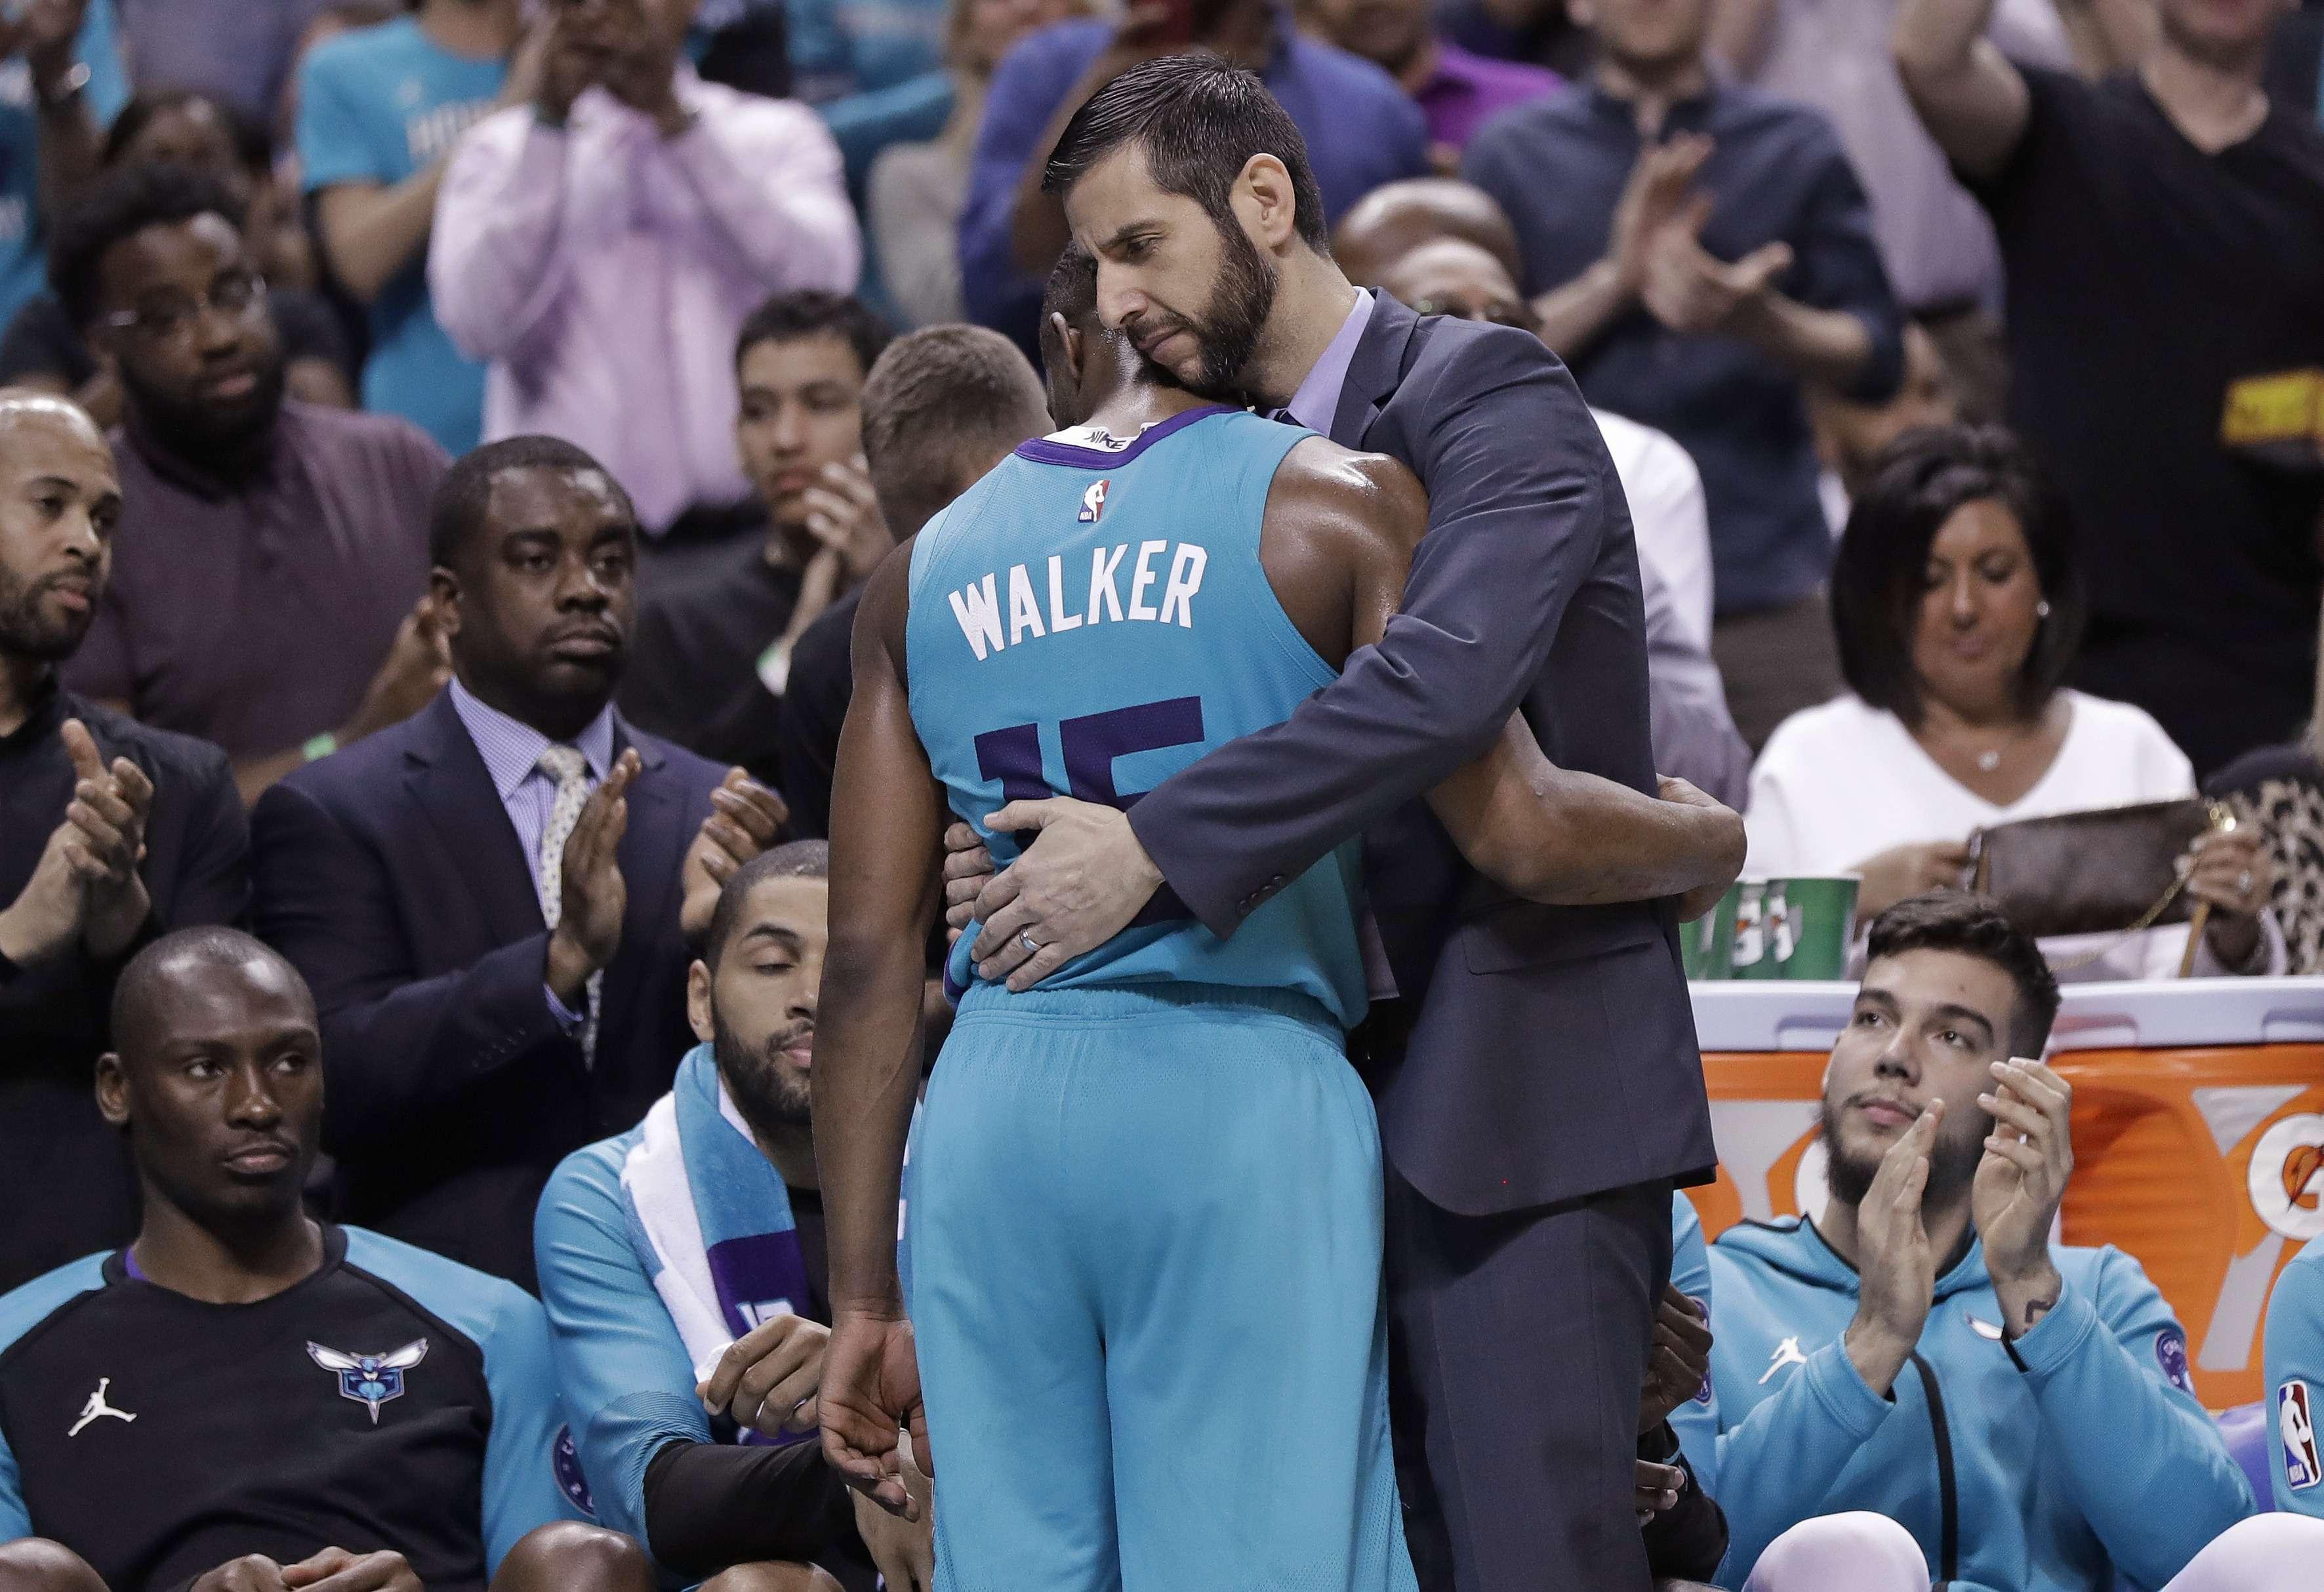 Walker hace 43 puntos en probable adiós; Hornets, eliminados